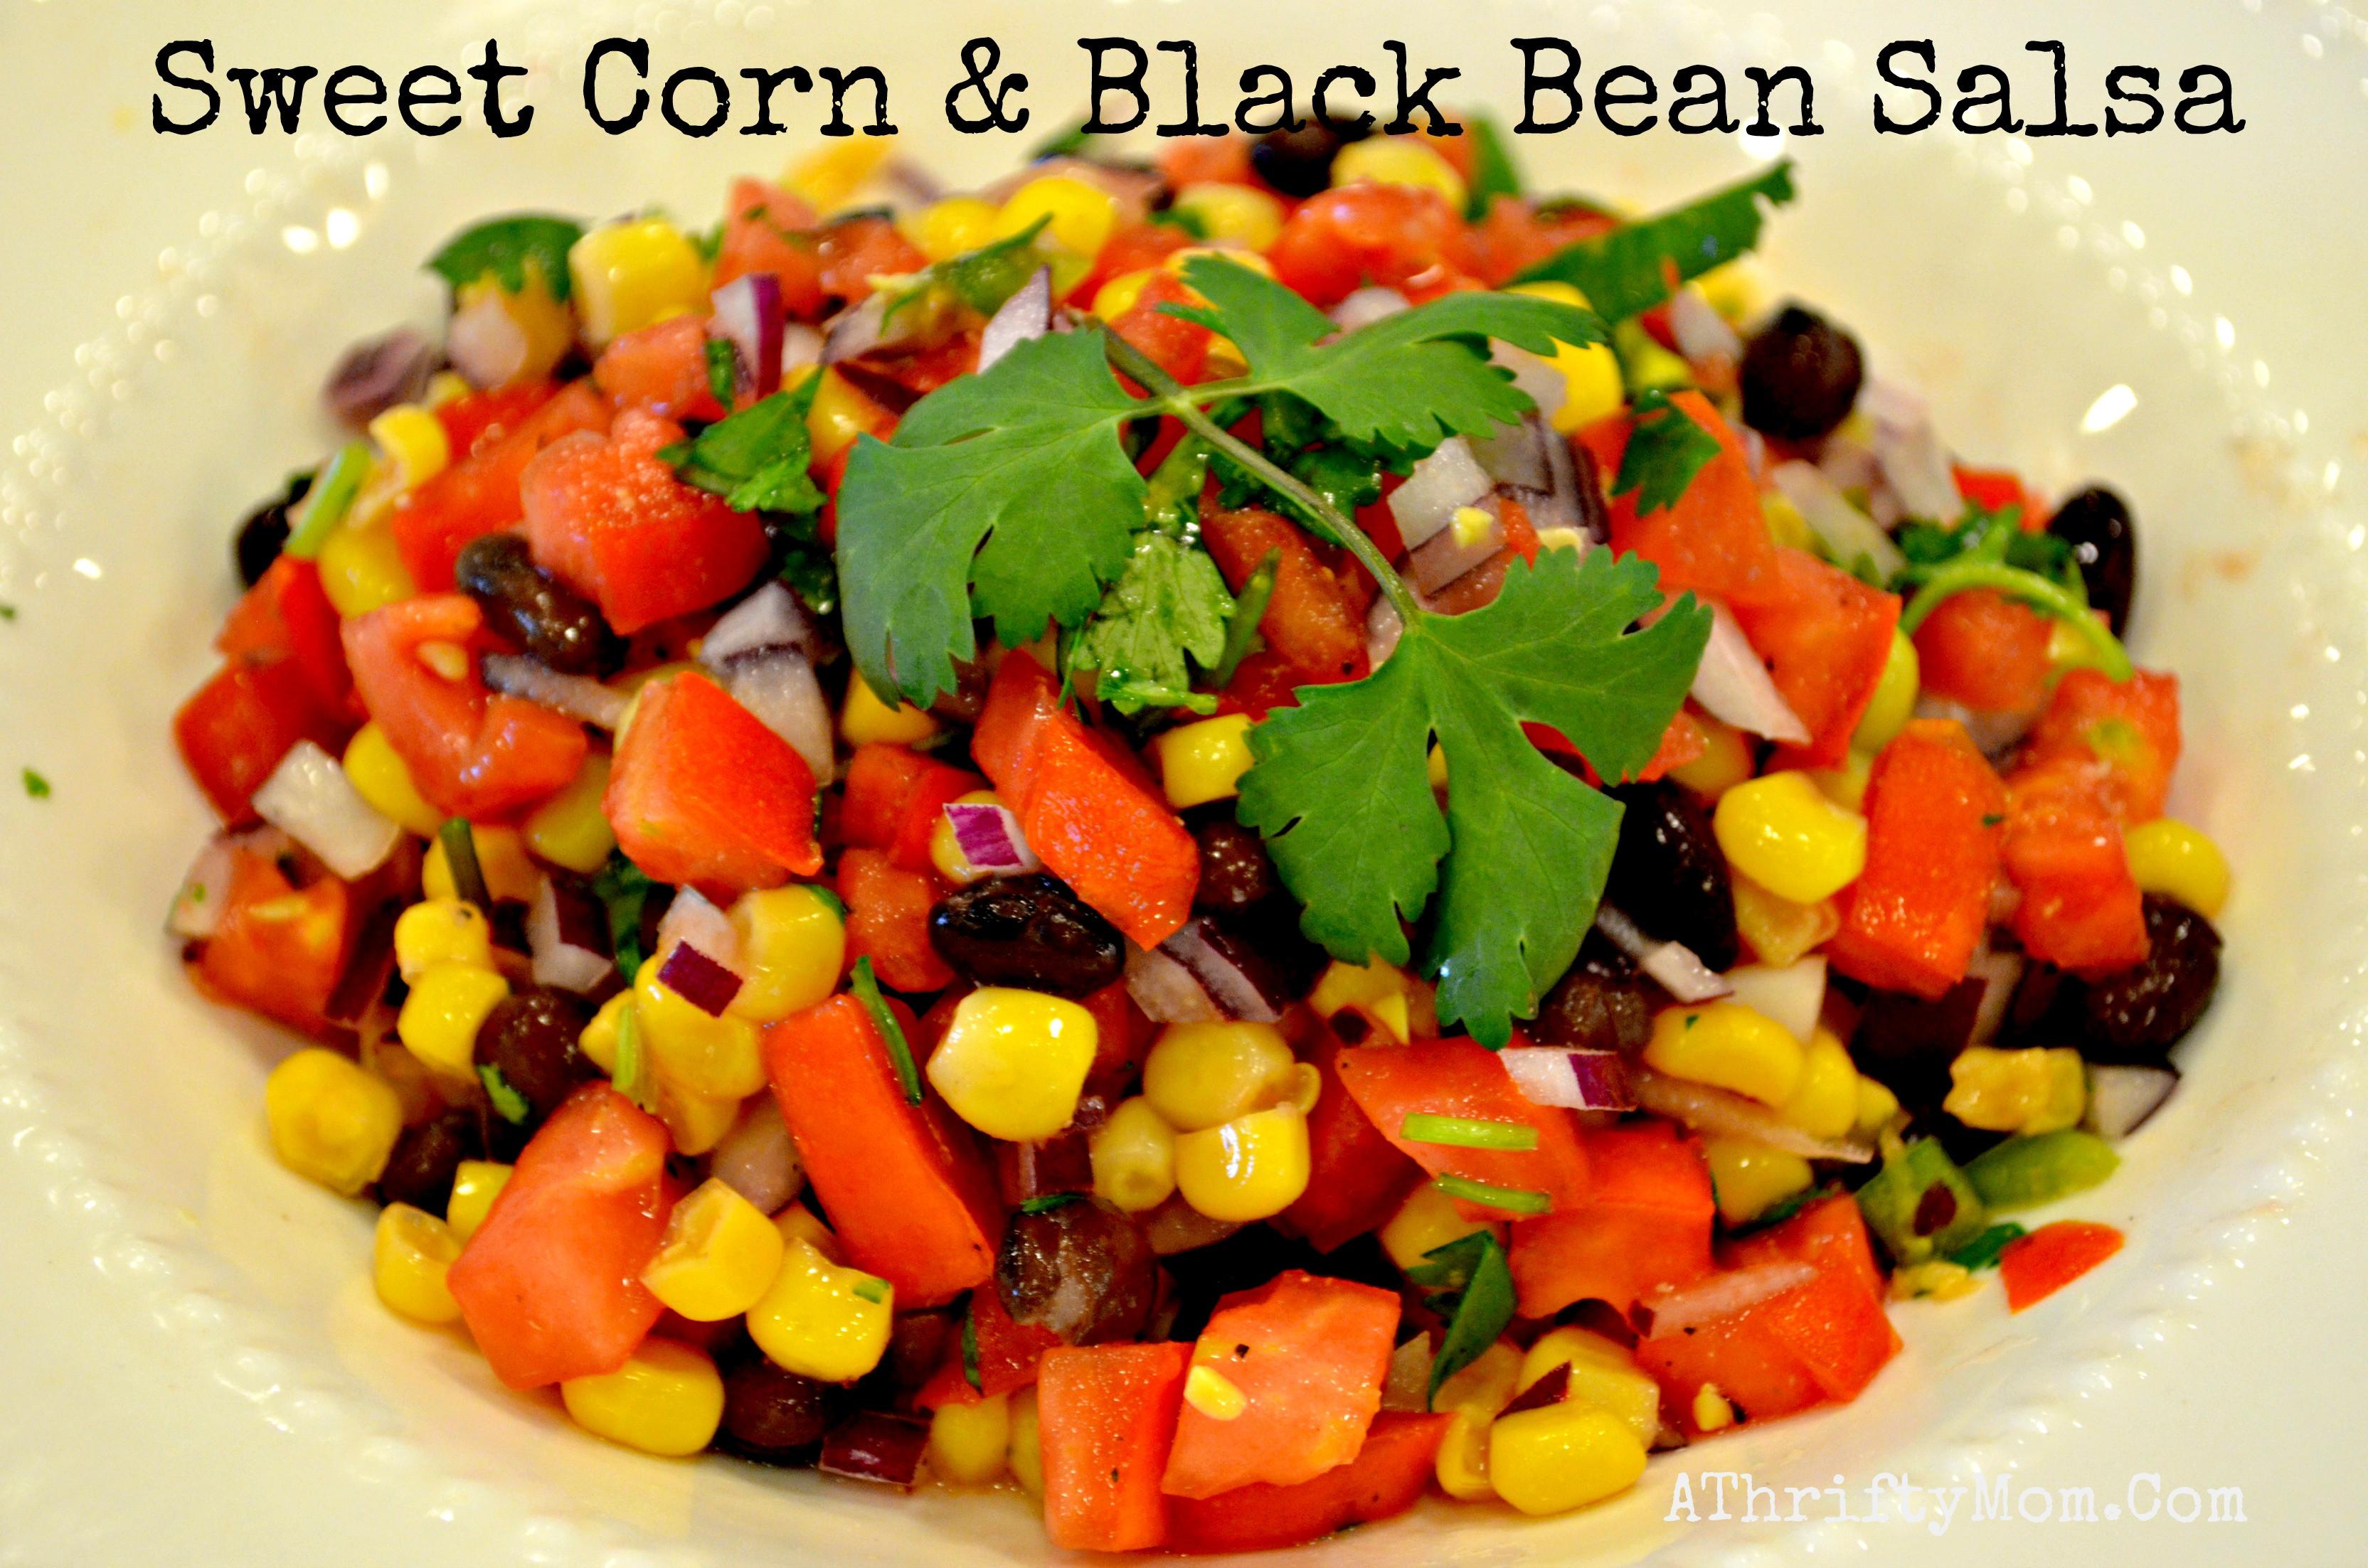 Black Bean Salsa Recipe  sweet corn and black bean salsa recipe A Thrifty Mom